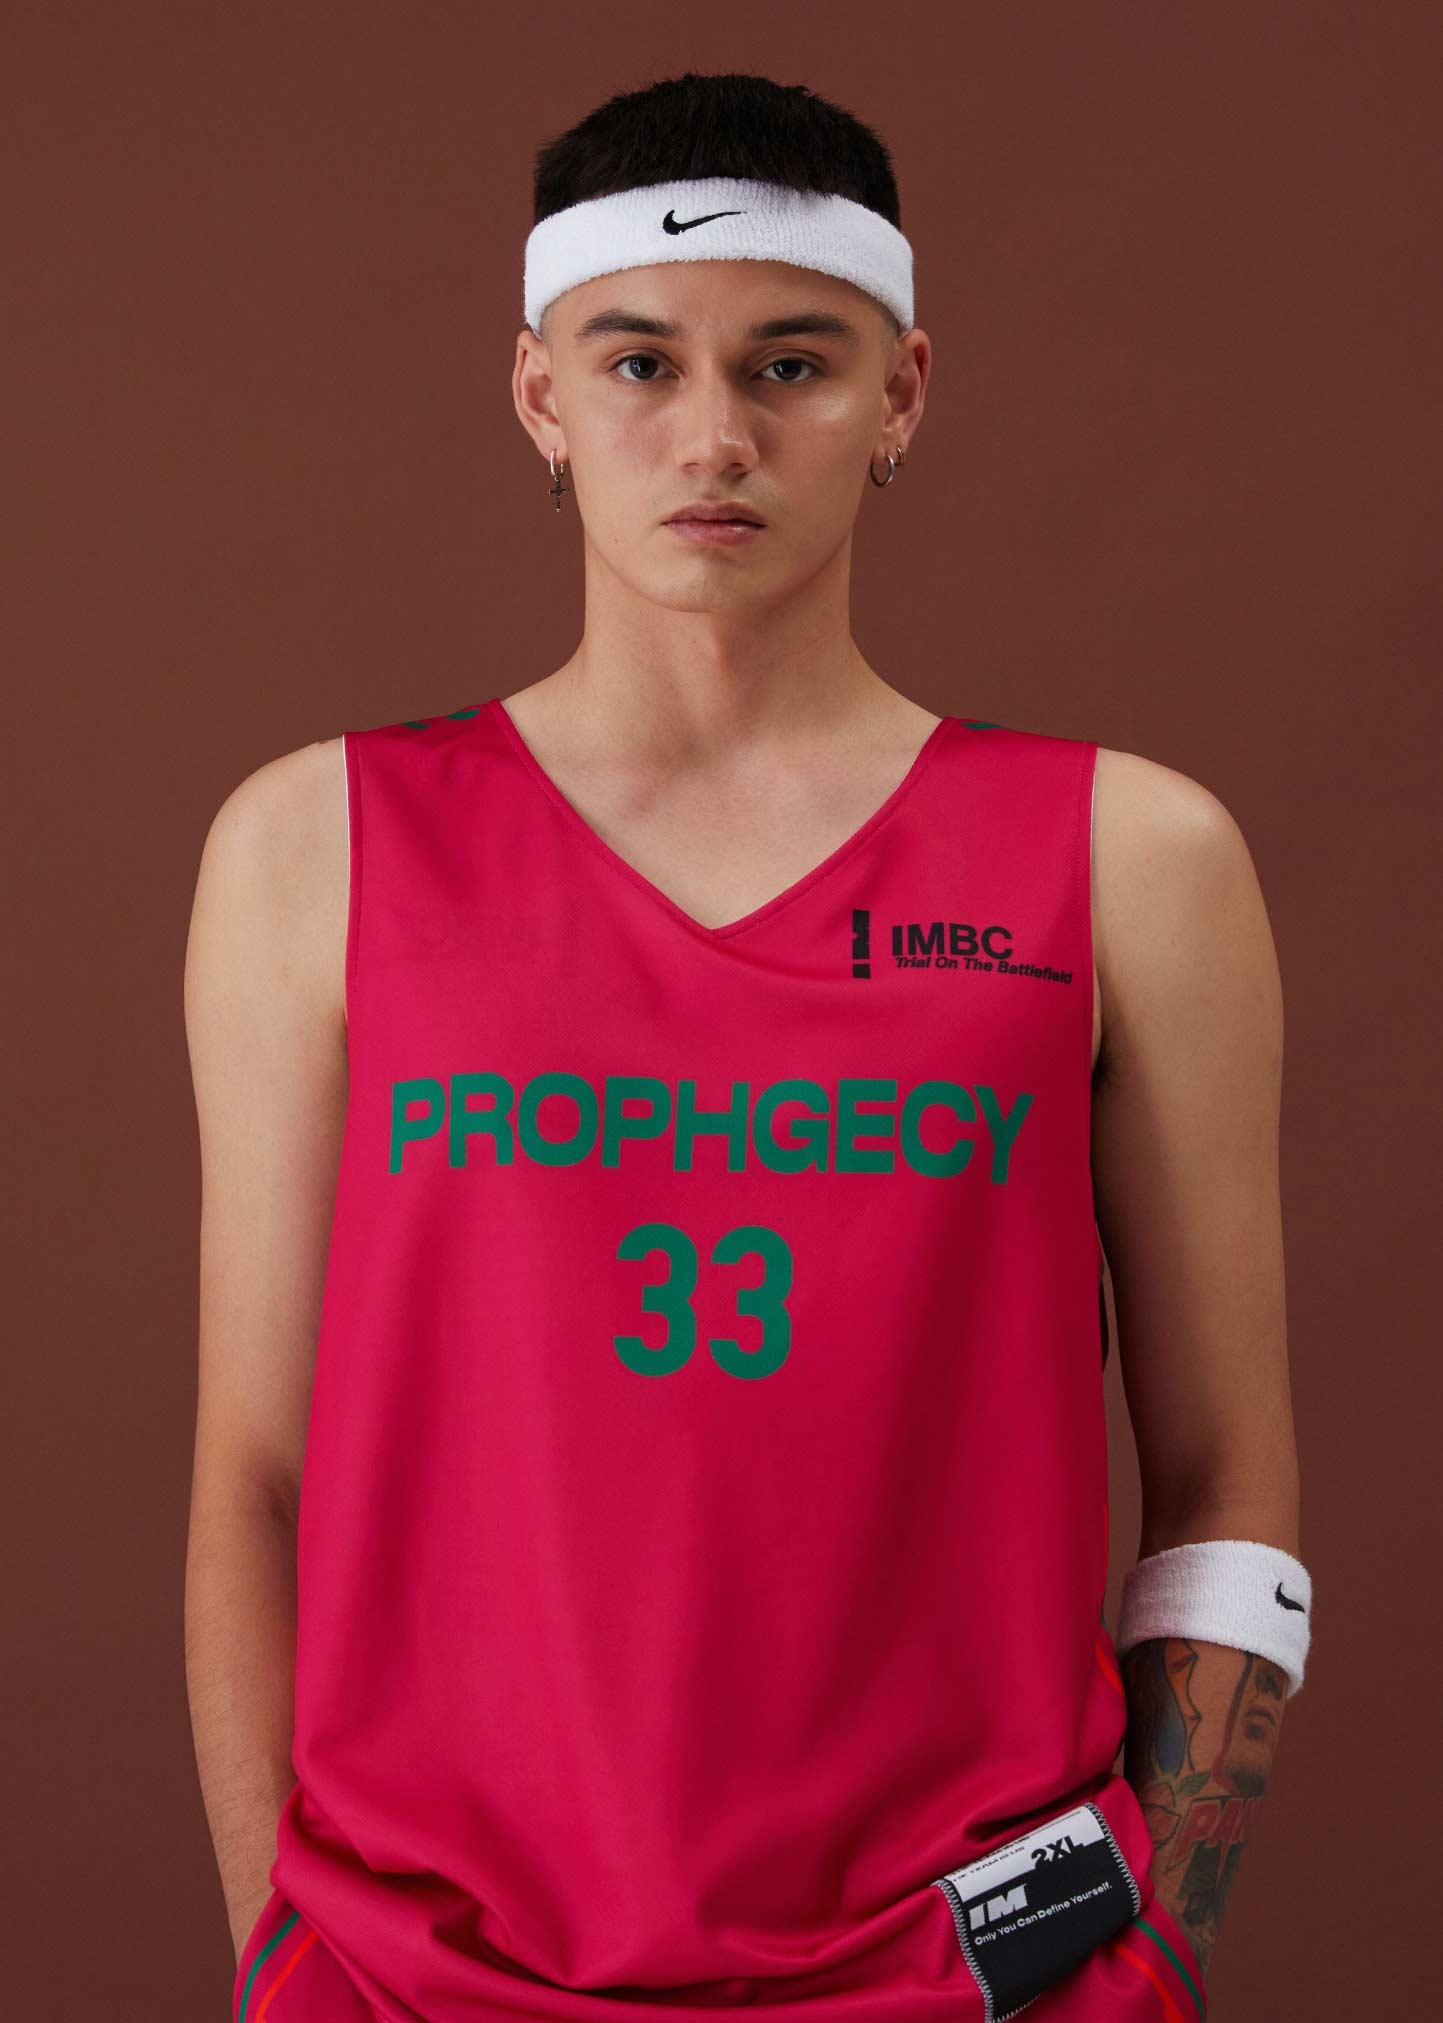 籃球衣設計-籃球衣-籃球球衣訂做-imbc